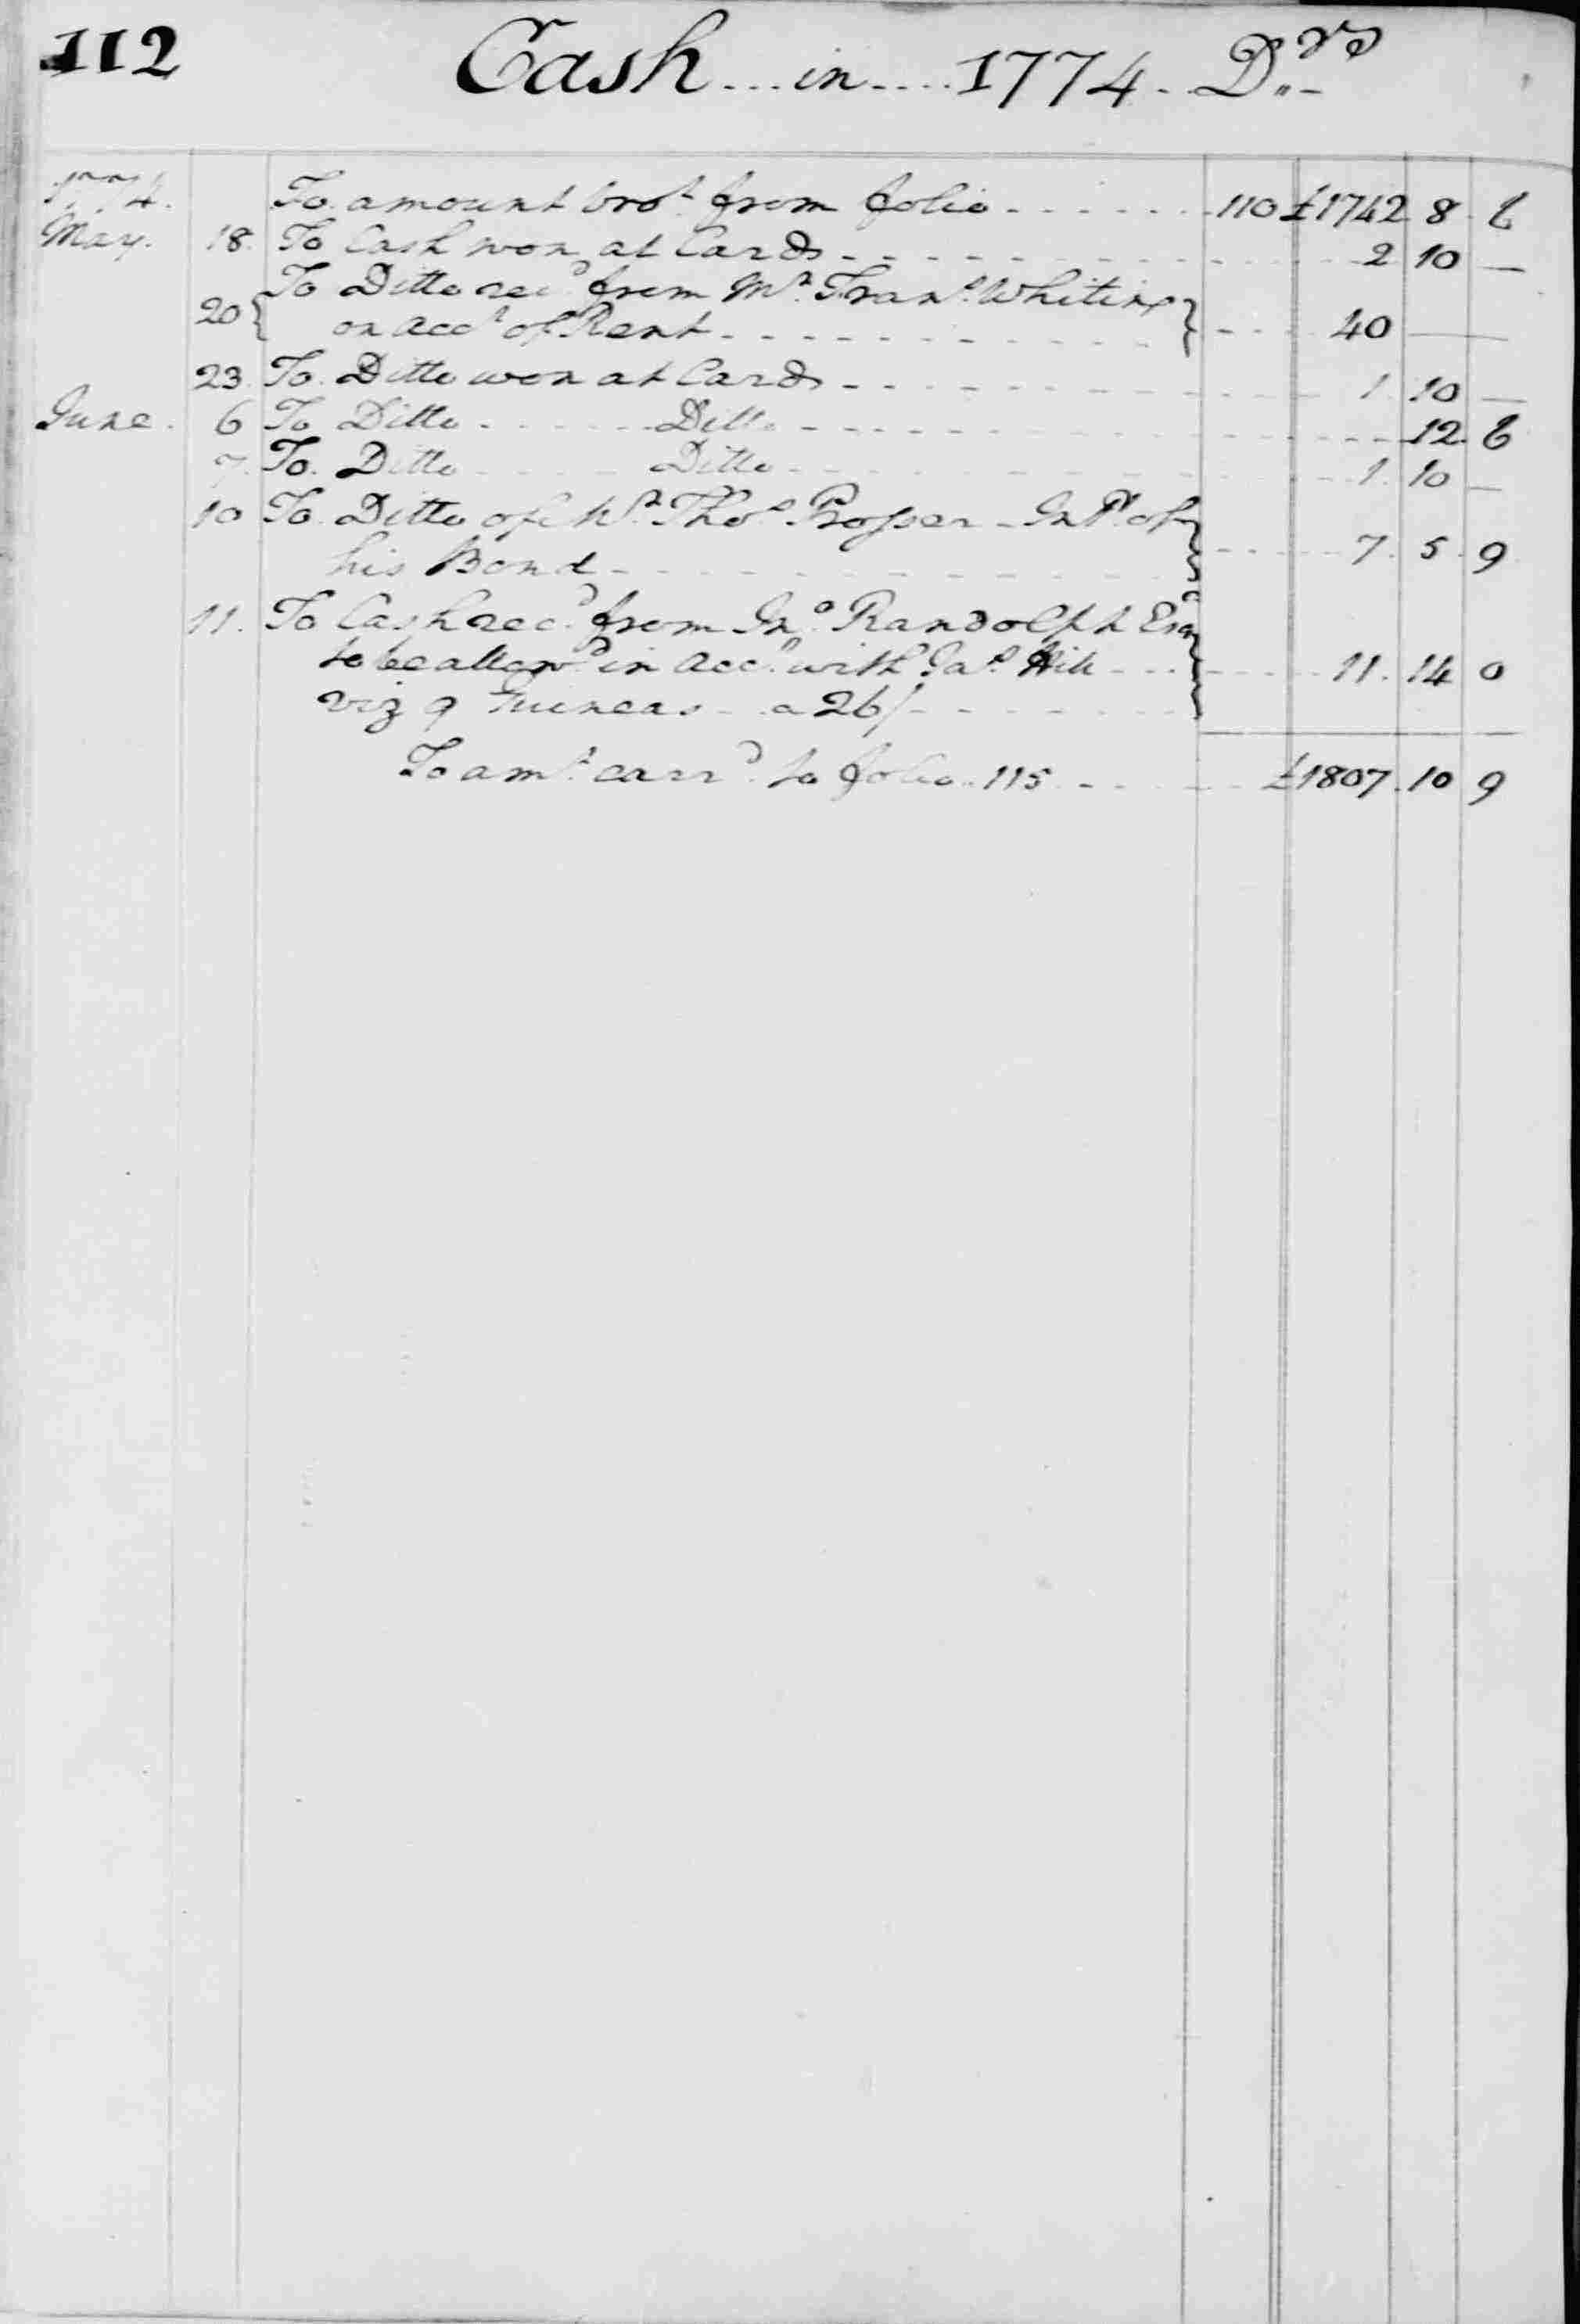 Ledger B, folio 112, left side